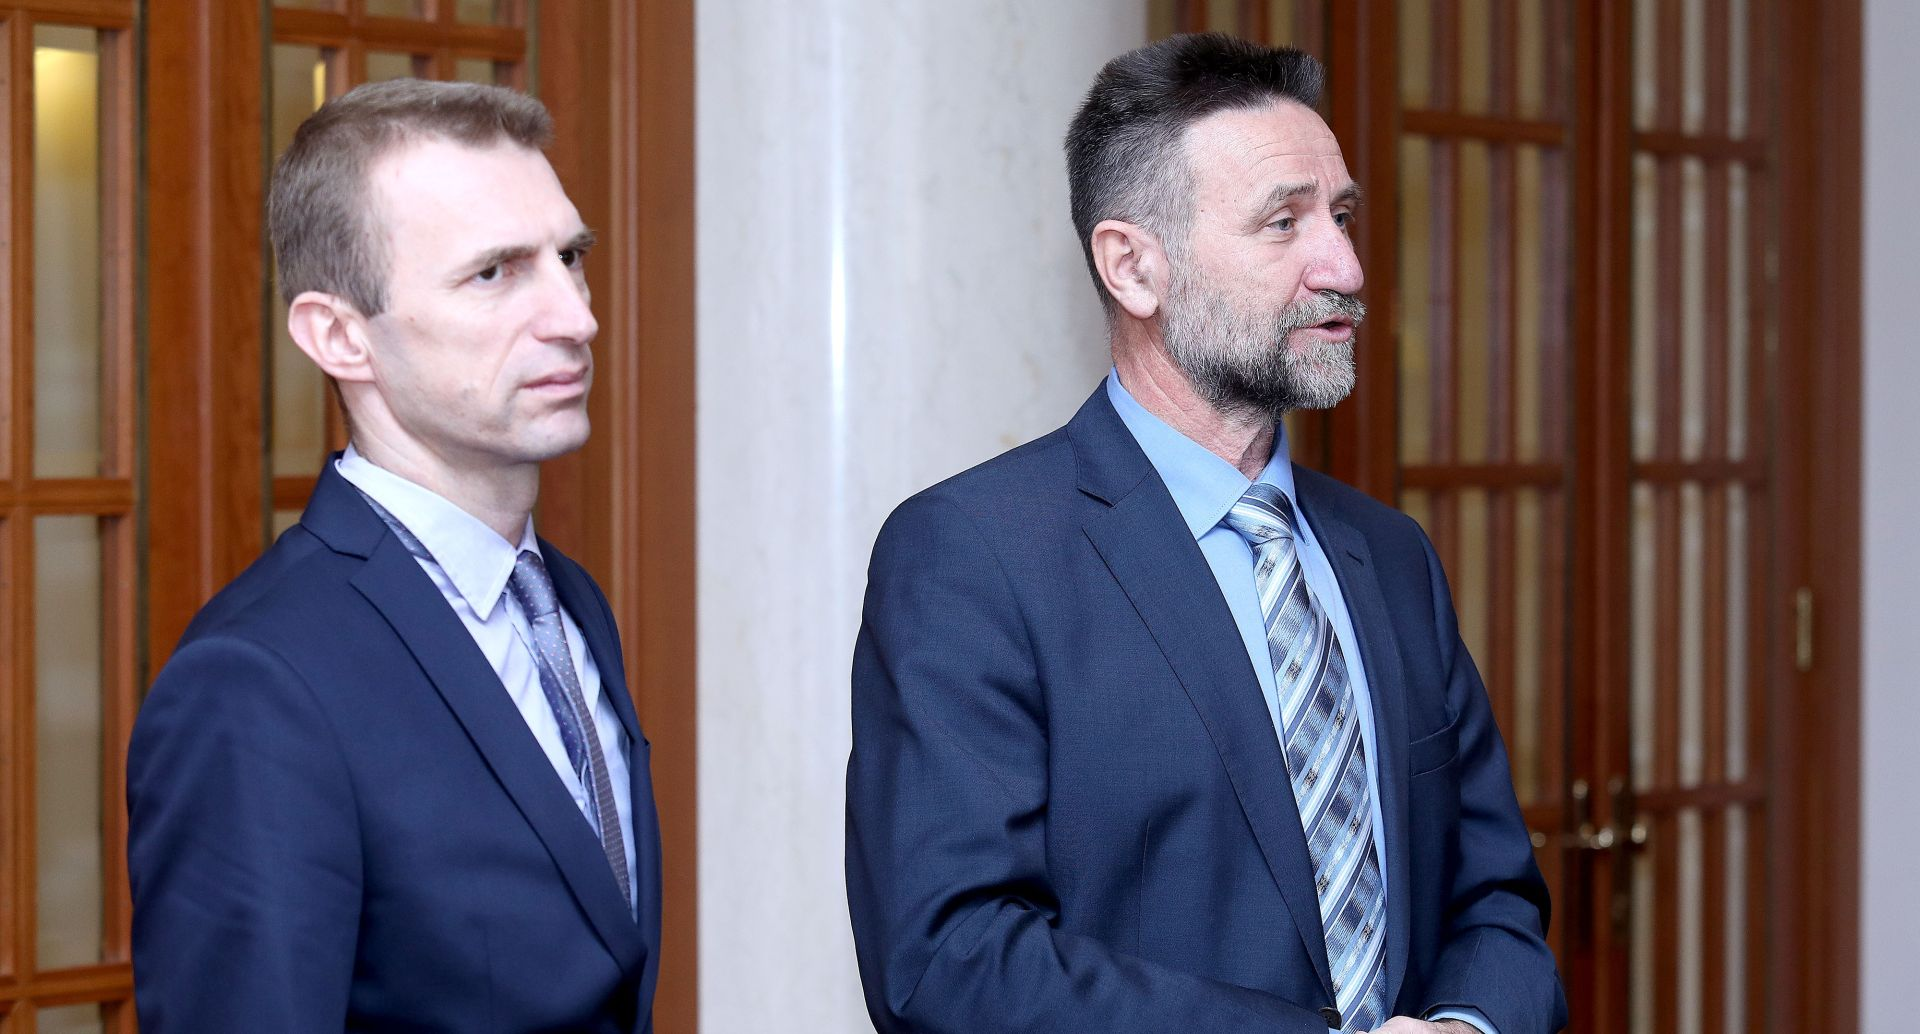 Državni tajnik Matko Glunčić razriješen na osobni zahtjev